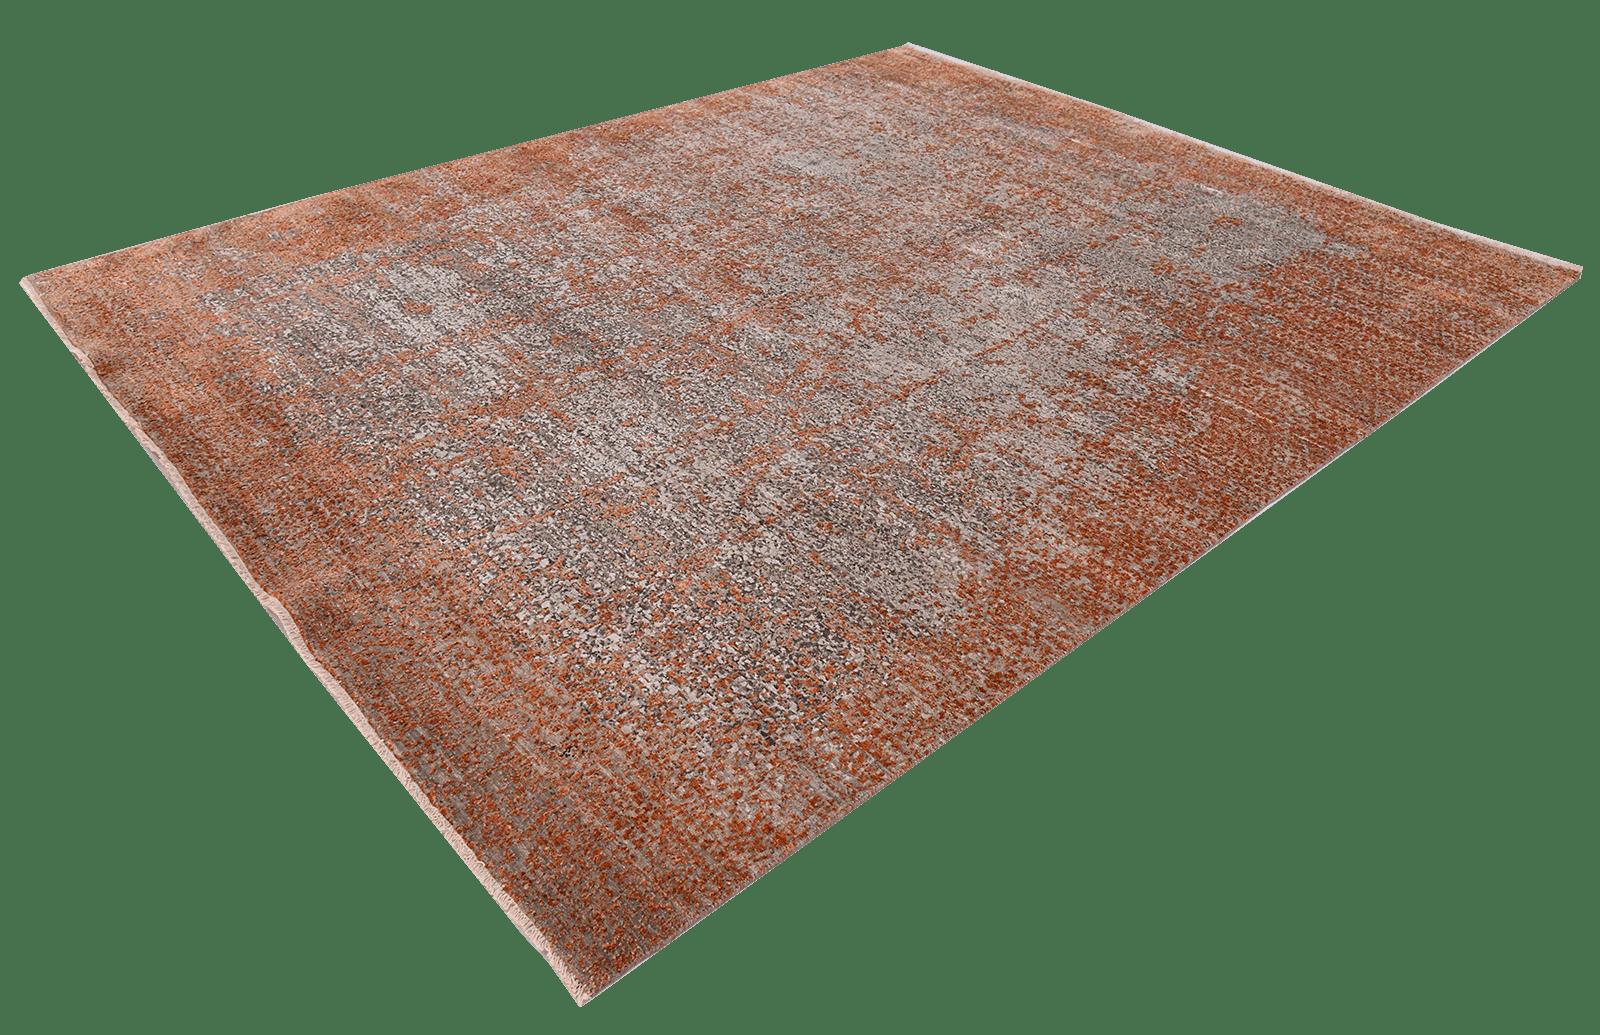 bentayga-design-tapijt-luxe-moderne-exclusieve-design-tapijten-luxe-vloerkleden-zijde-roest-goud-oranje-creme-300x241-koreman-maastricht-4253-schuin2